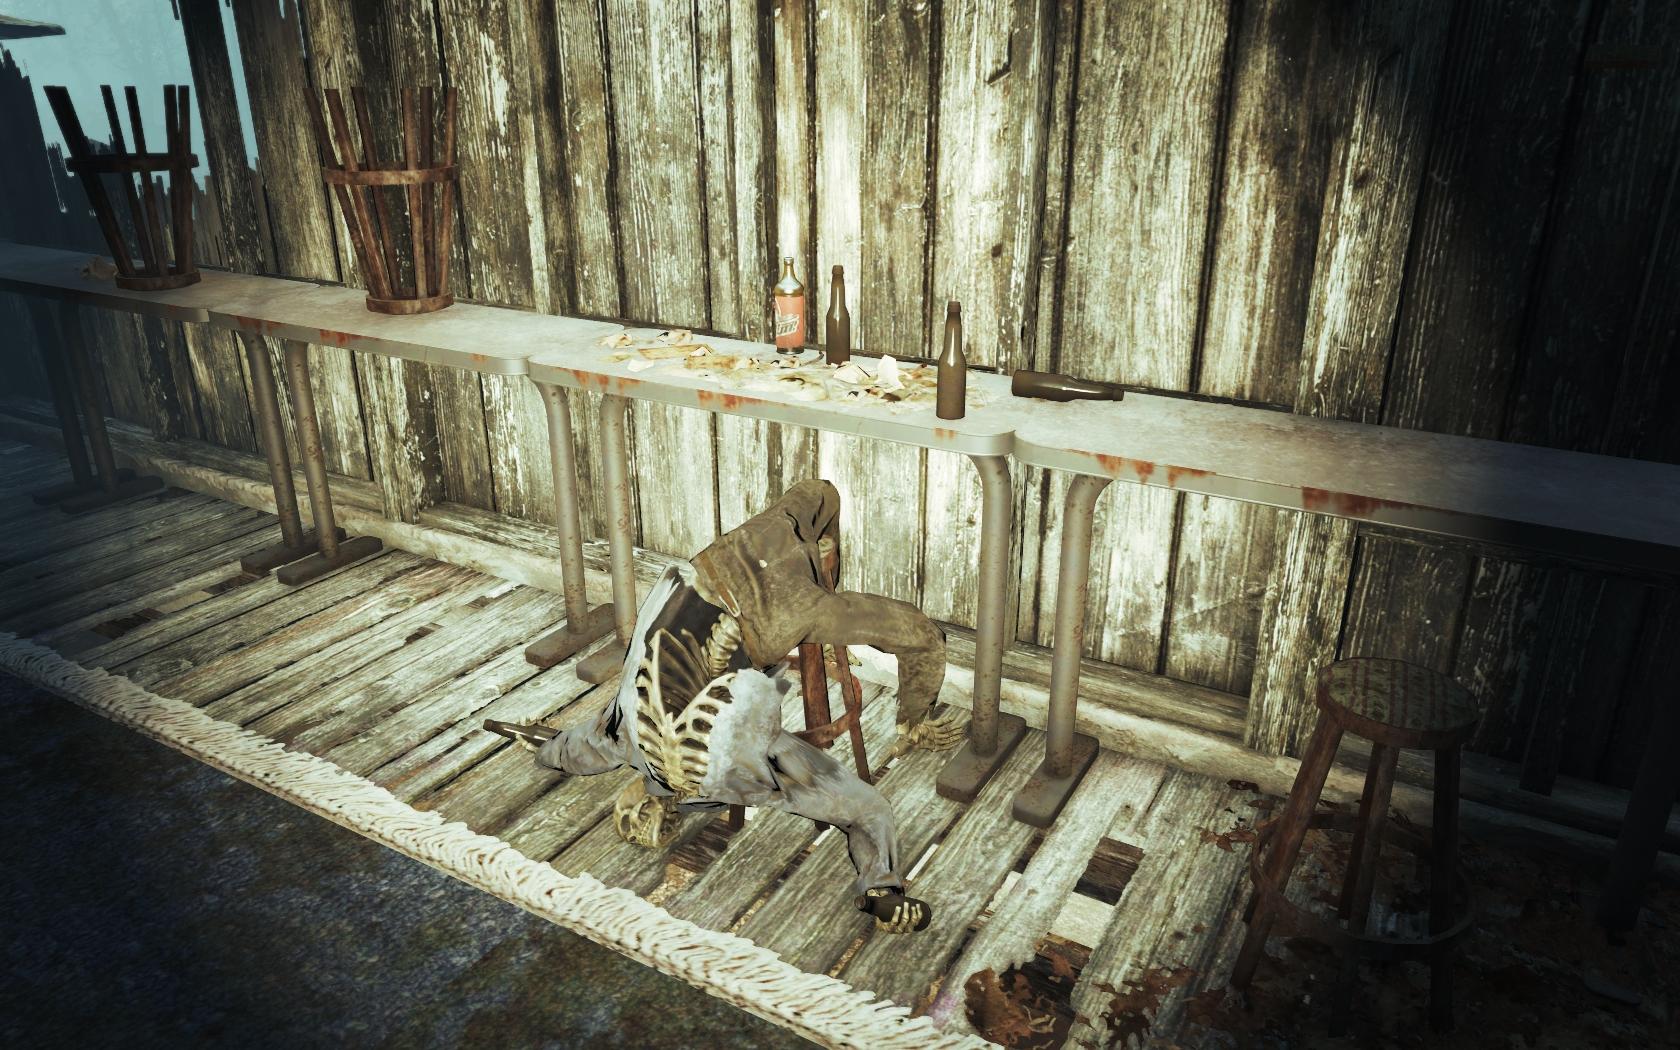 Алканавт (Фар-Харбор, Дубильня Иглс-Коув) - Fallout 4 Дубильня, Дубильня Иглс-Коув, Иглс-Коув, скелет